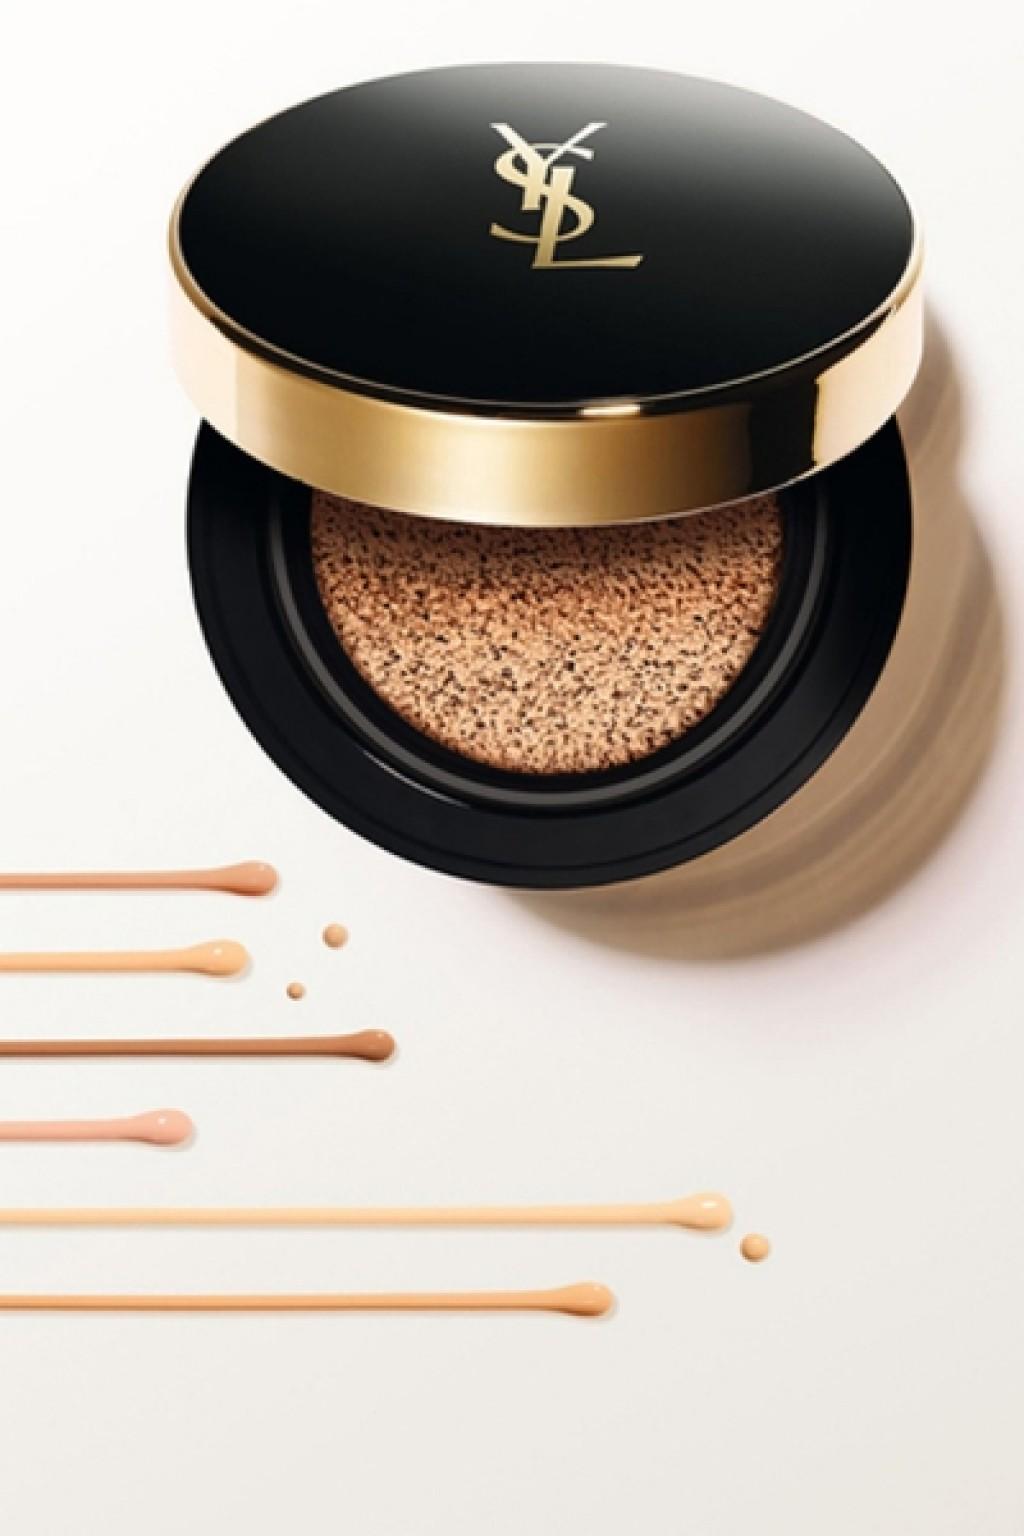 yves saint laurent makeup application